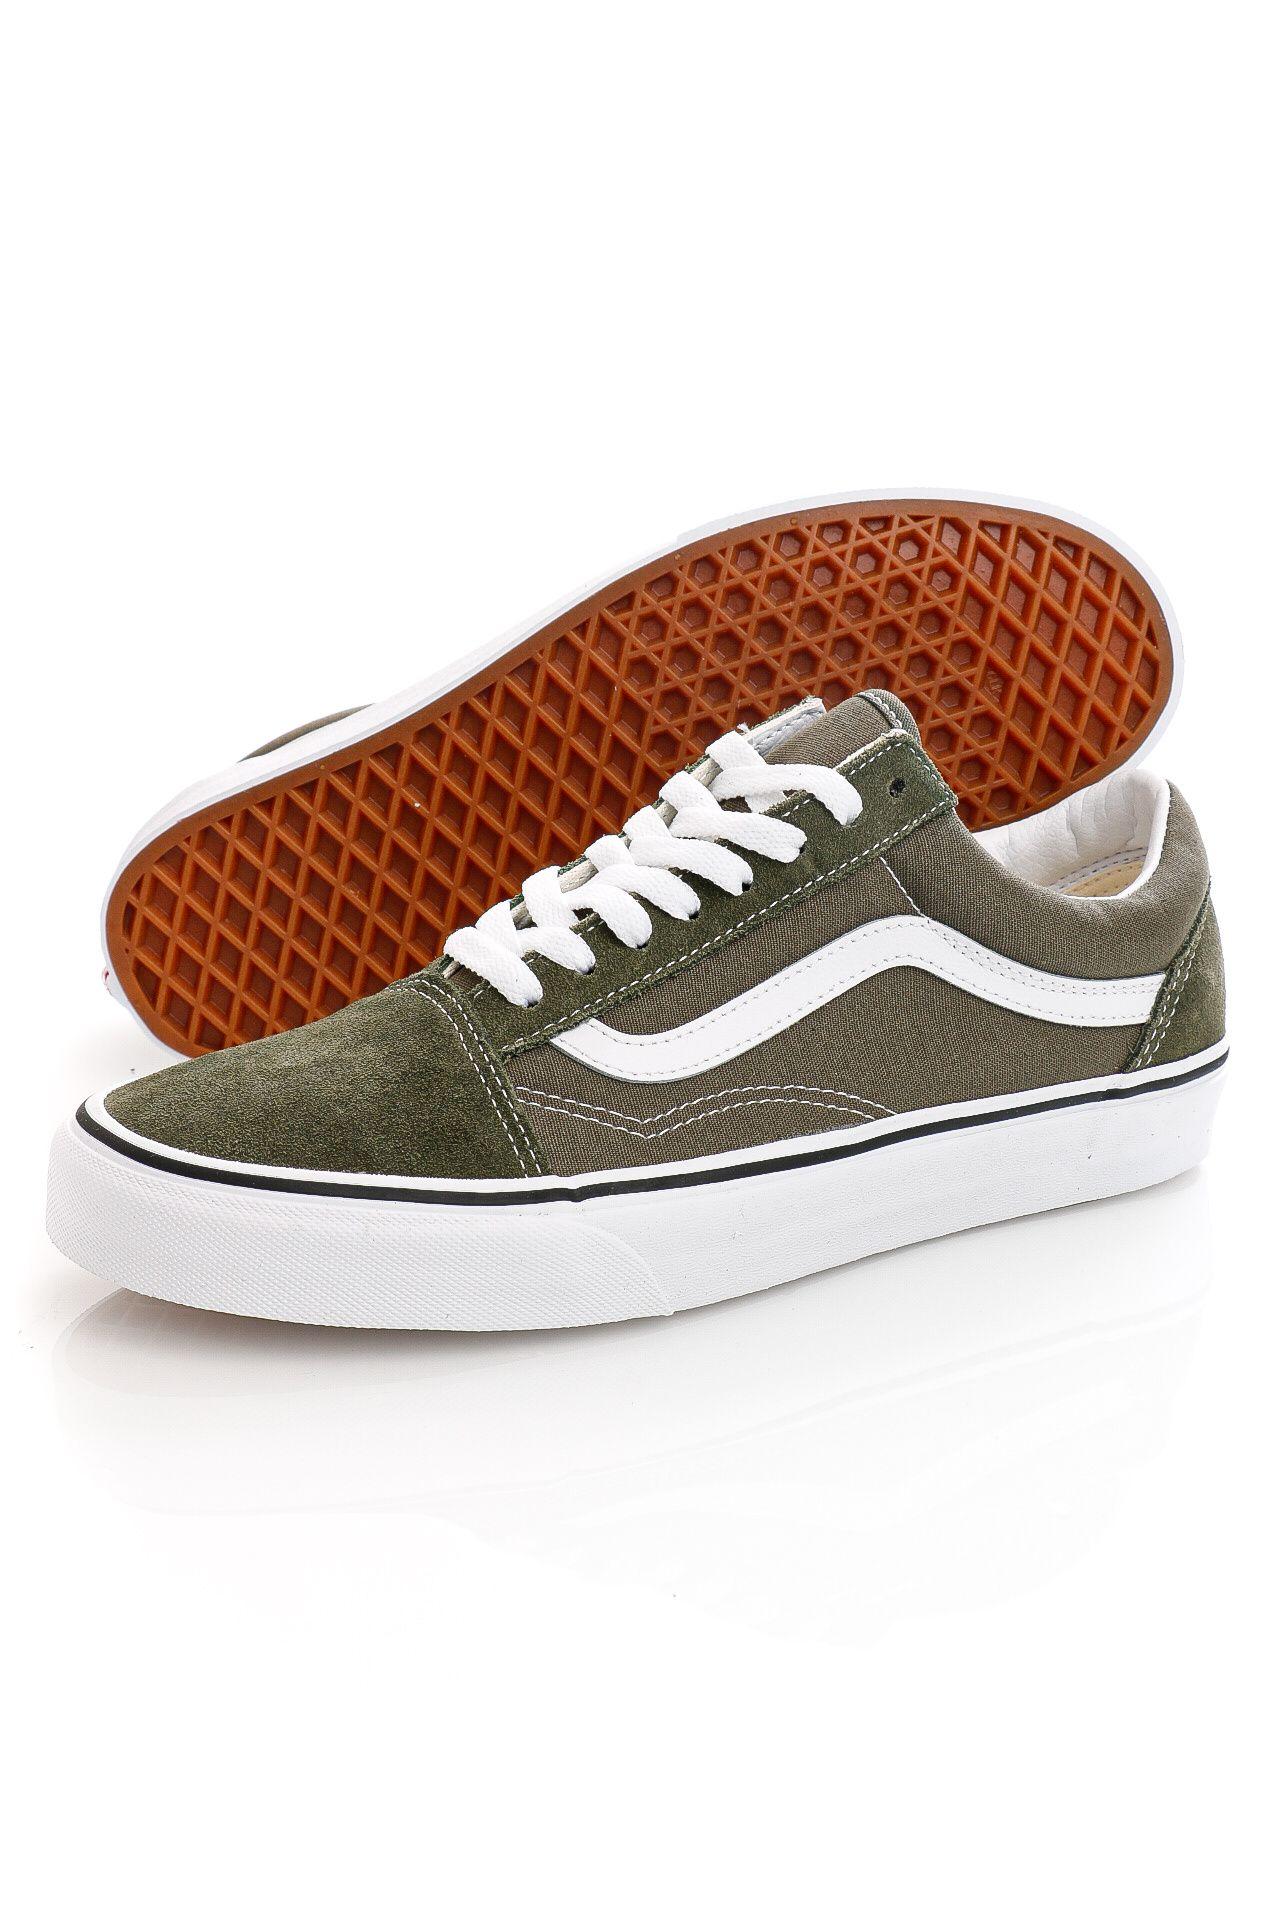 Afbeelding van Vans Sneakers UA Old Skool Grape Leaf/True White VN0A38G10FI1